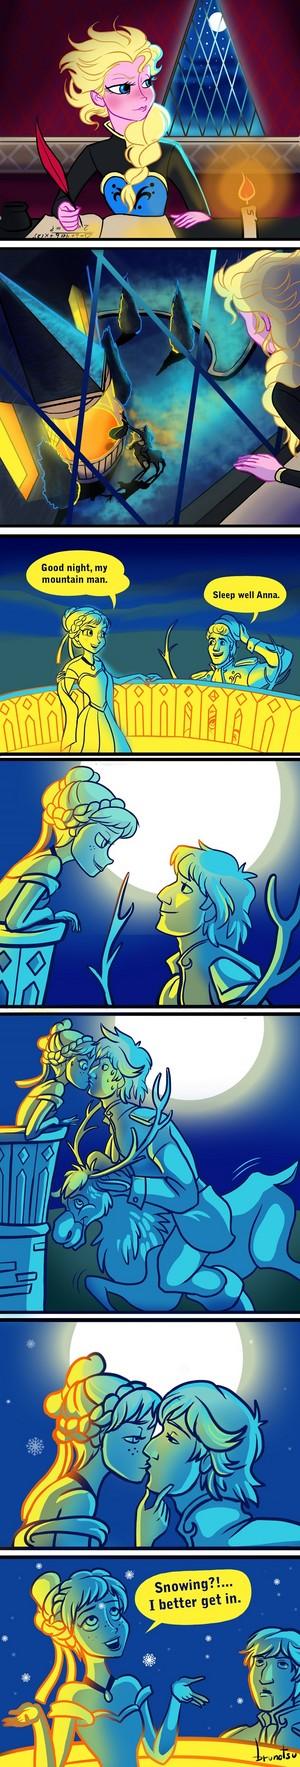 A アナと雪の女王 Story